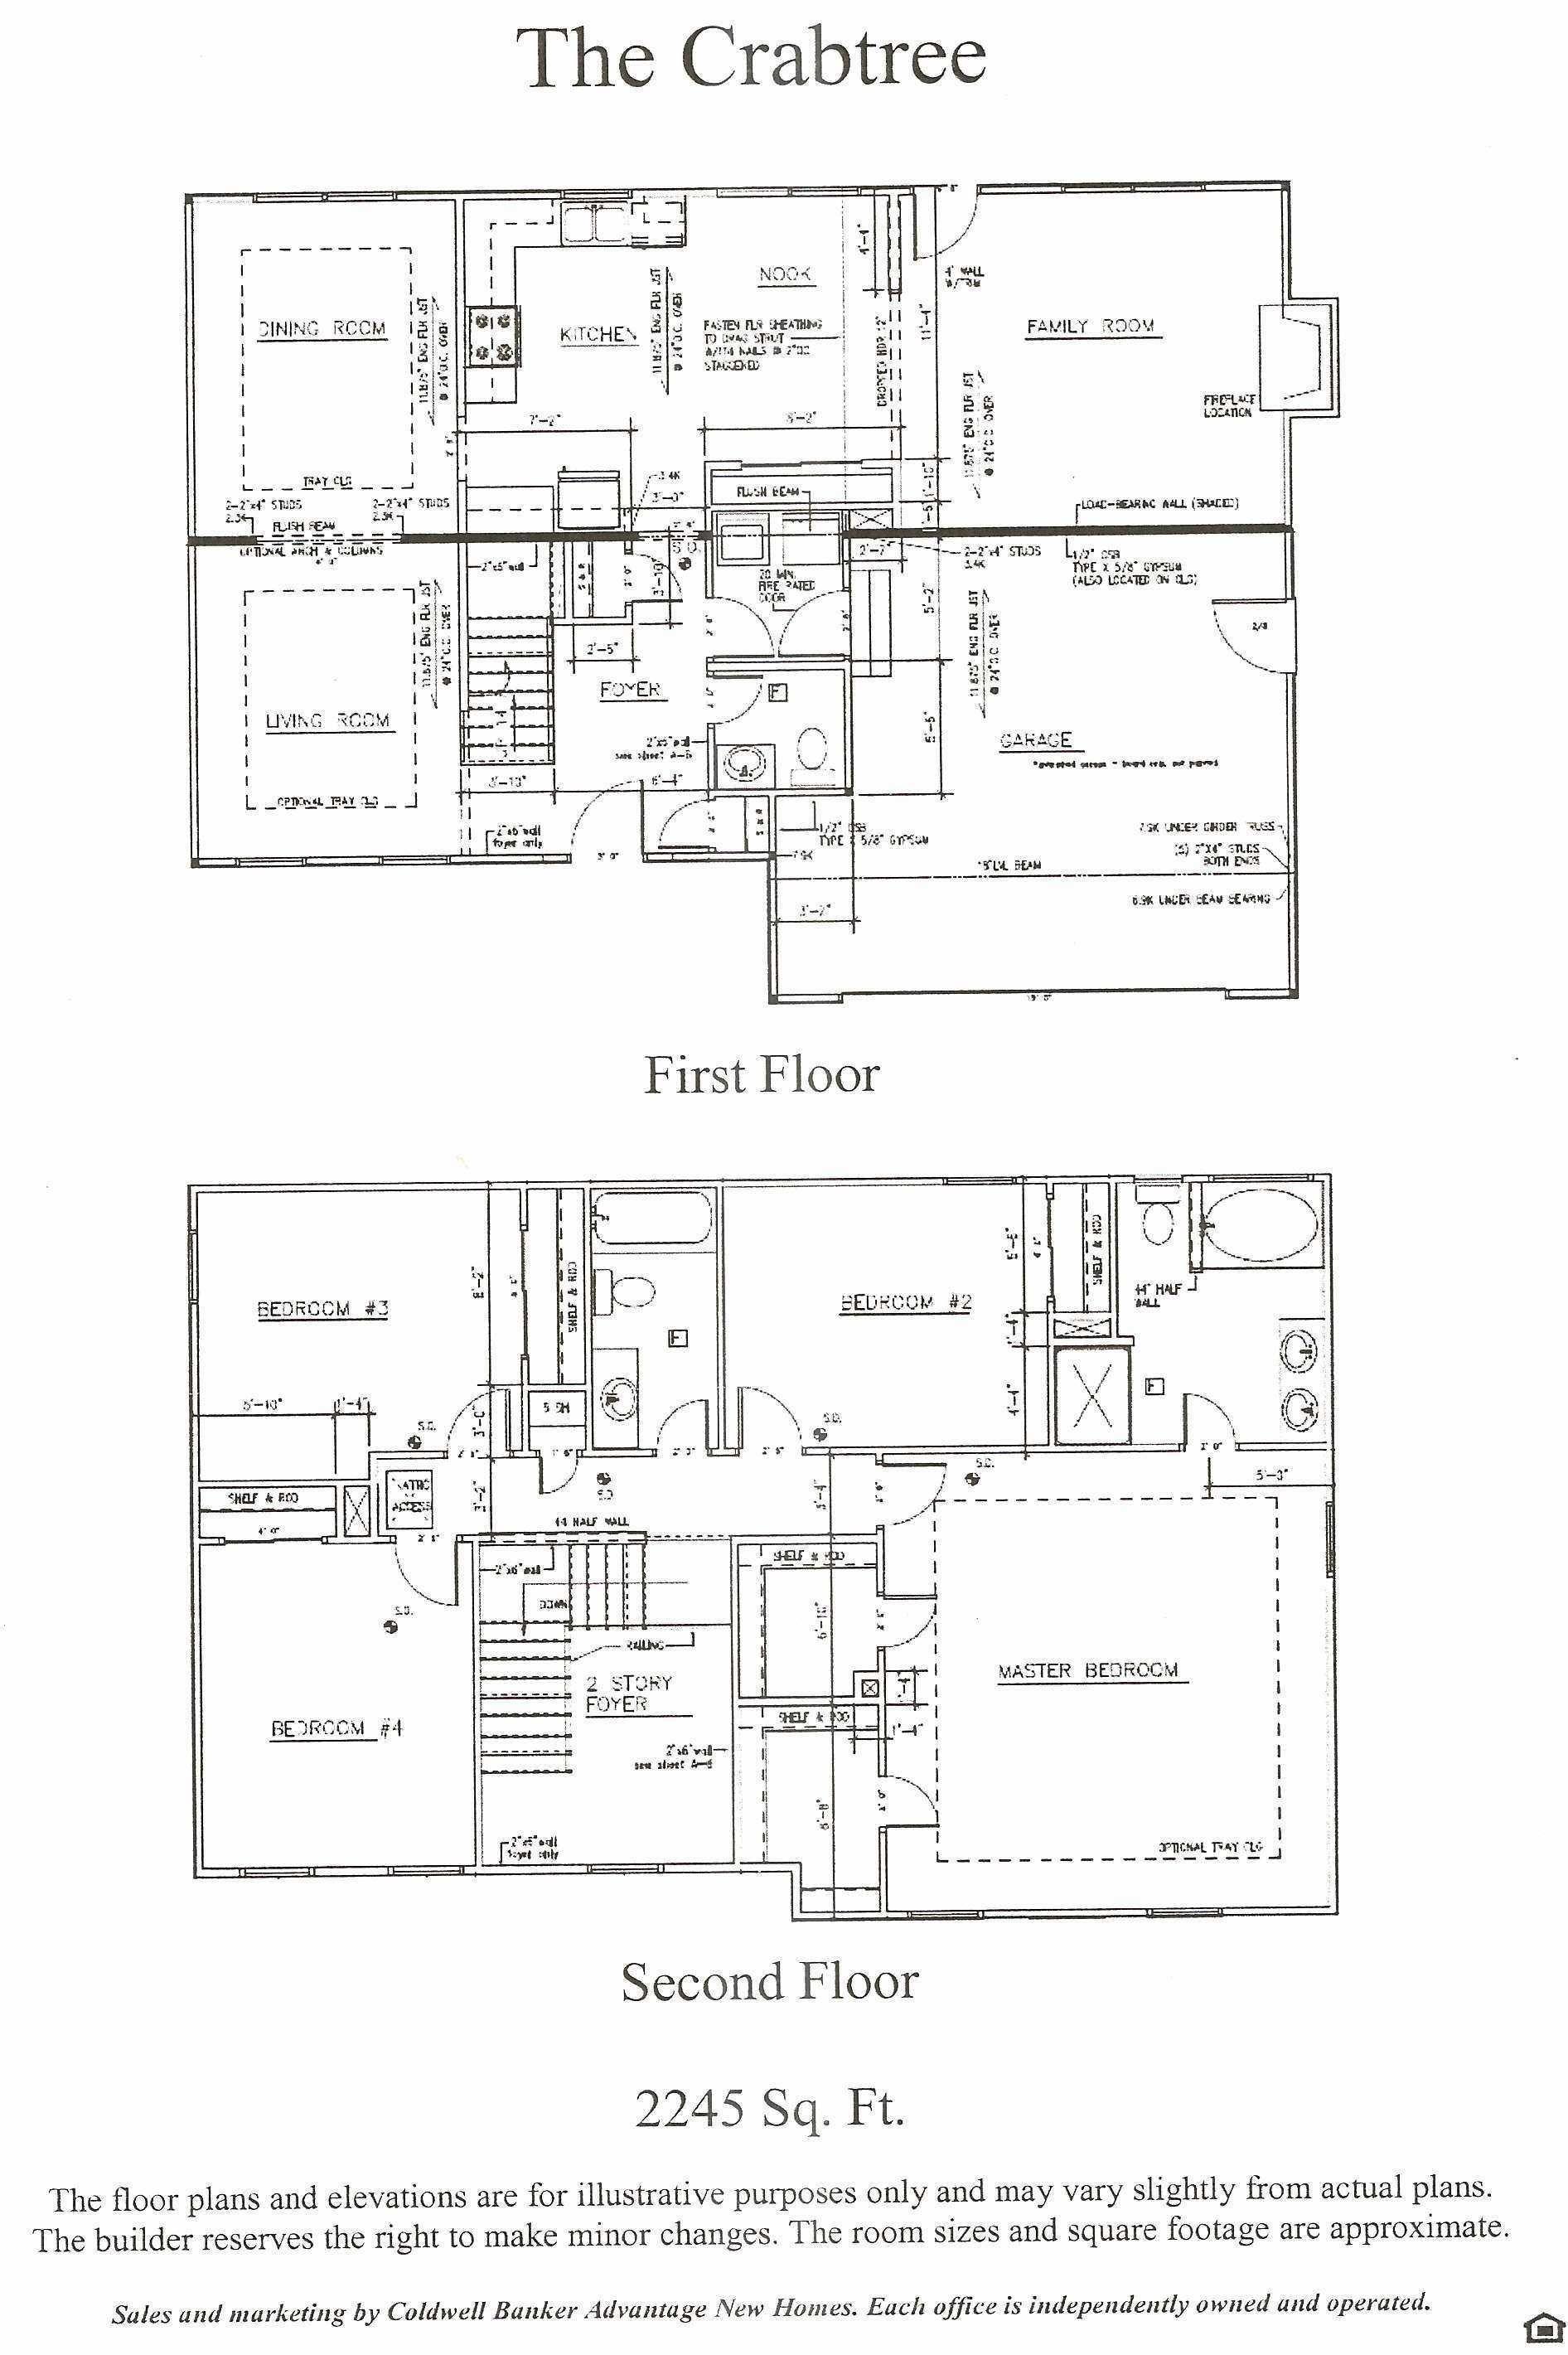 Open Concept Single Story Farmhouse Plans Awesome Open Concept Single Story Farmhouse Plans Ste Loft Floor Plans Apartment Floor Plans House Plan With Loft